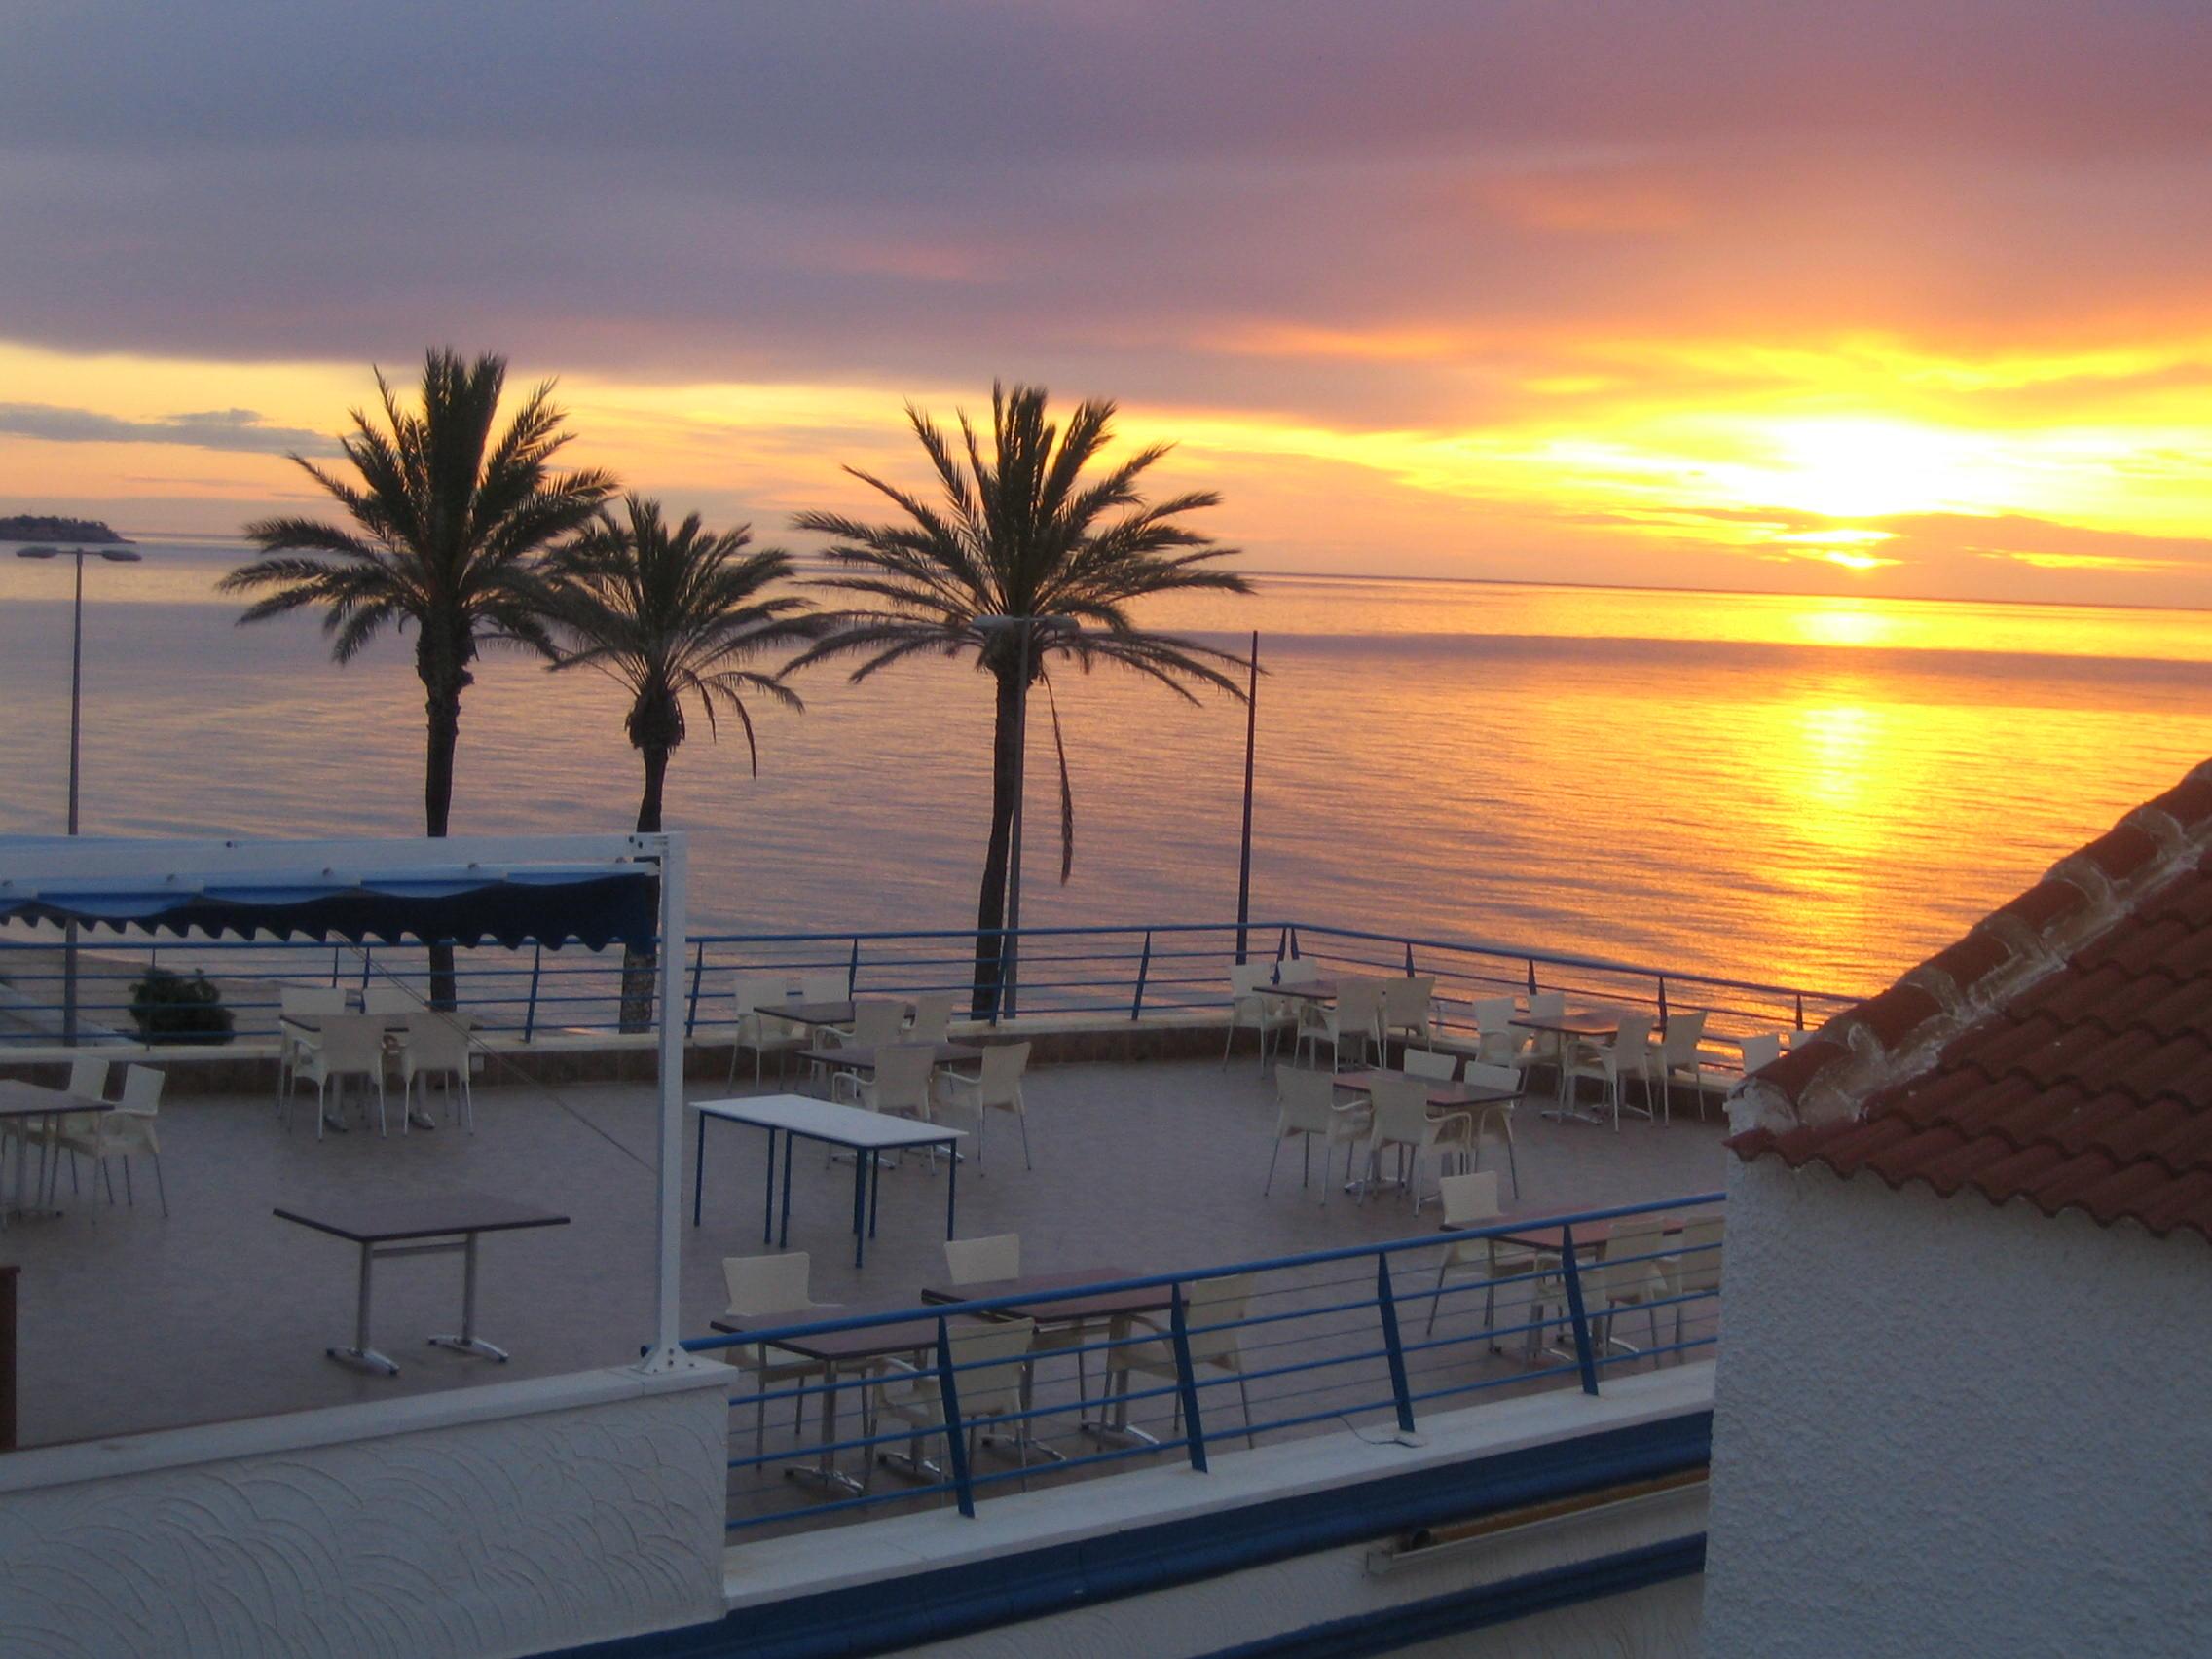 Hotel en torrevieja apartamentos fresno situado a 20 metros de la playa del cura - Apartamentos fresno torrevieja ...